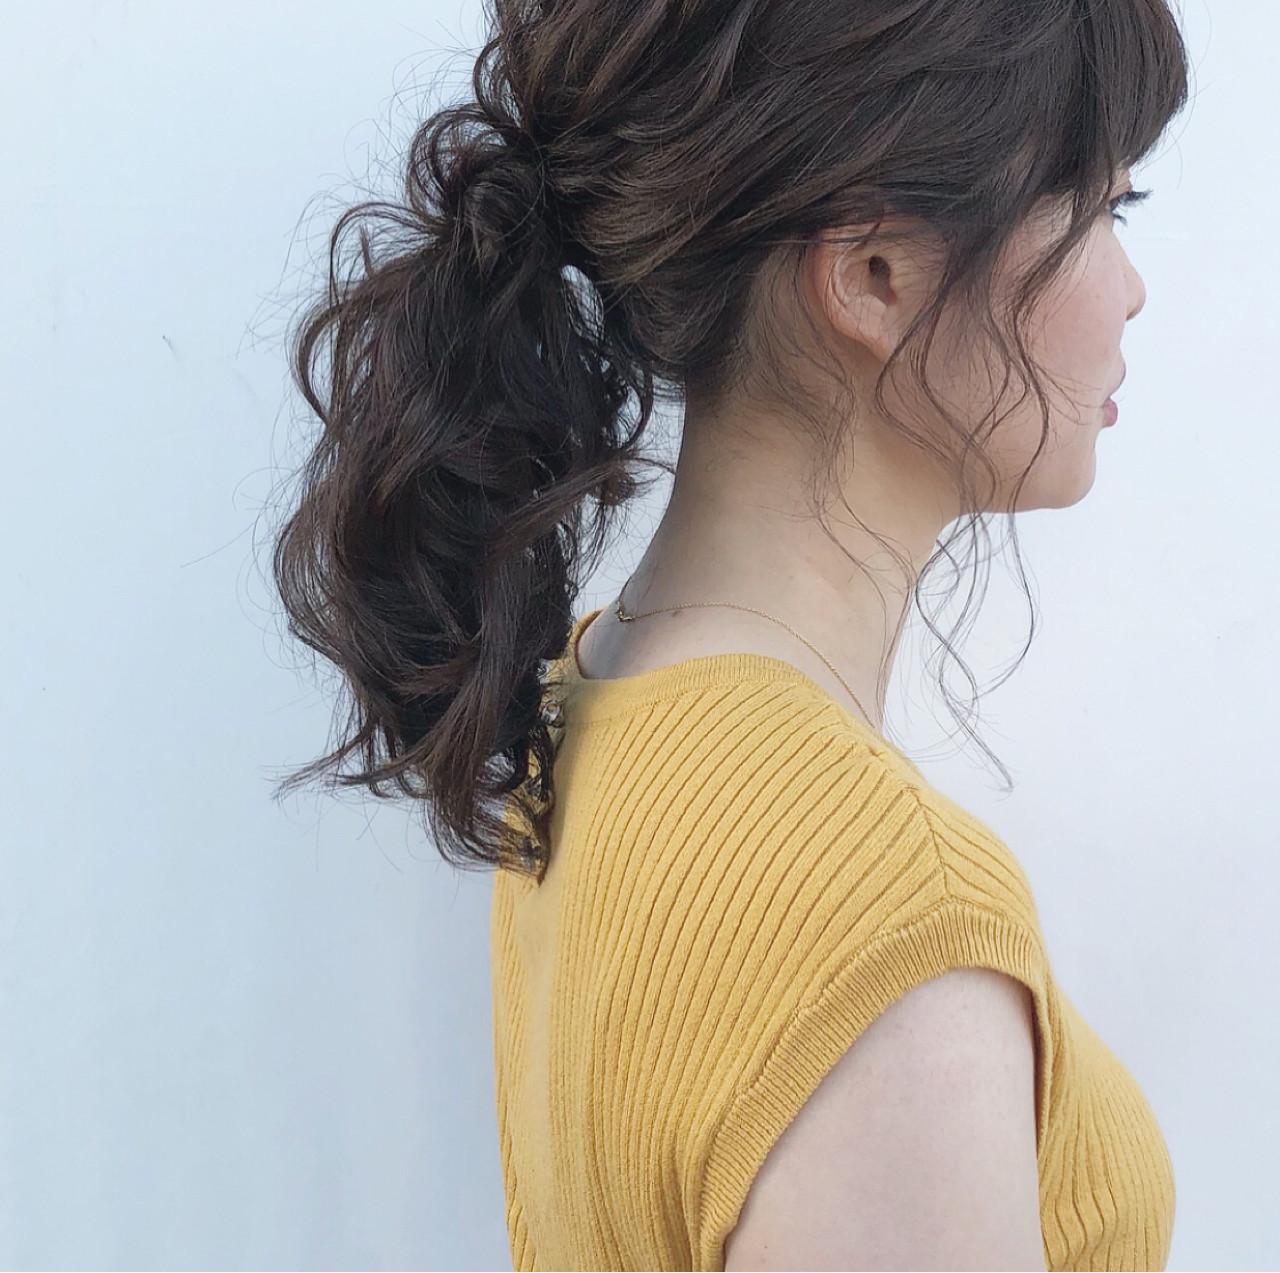 ヘアアレンジ 簡単ヘアアレンジ 大人かわいい デート ヘアスタイルや髪型の写真・画像